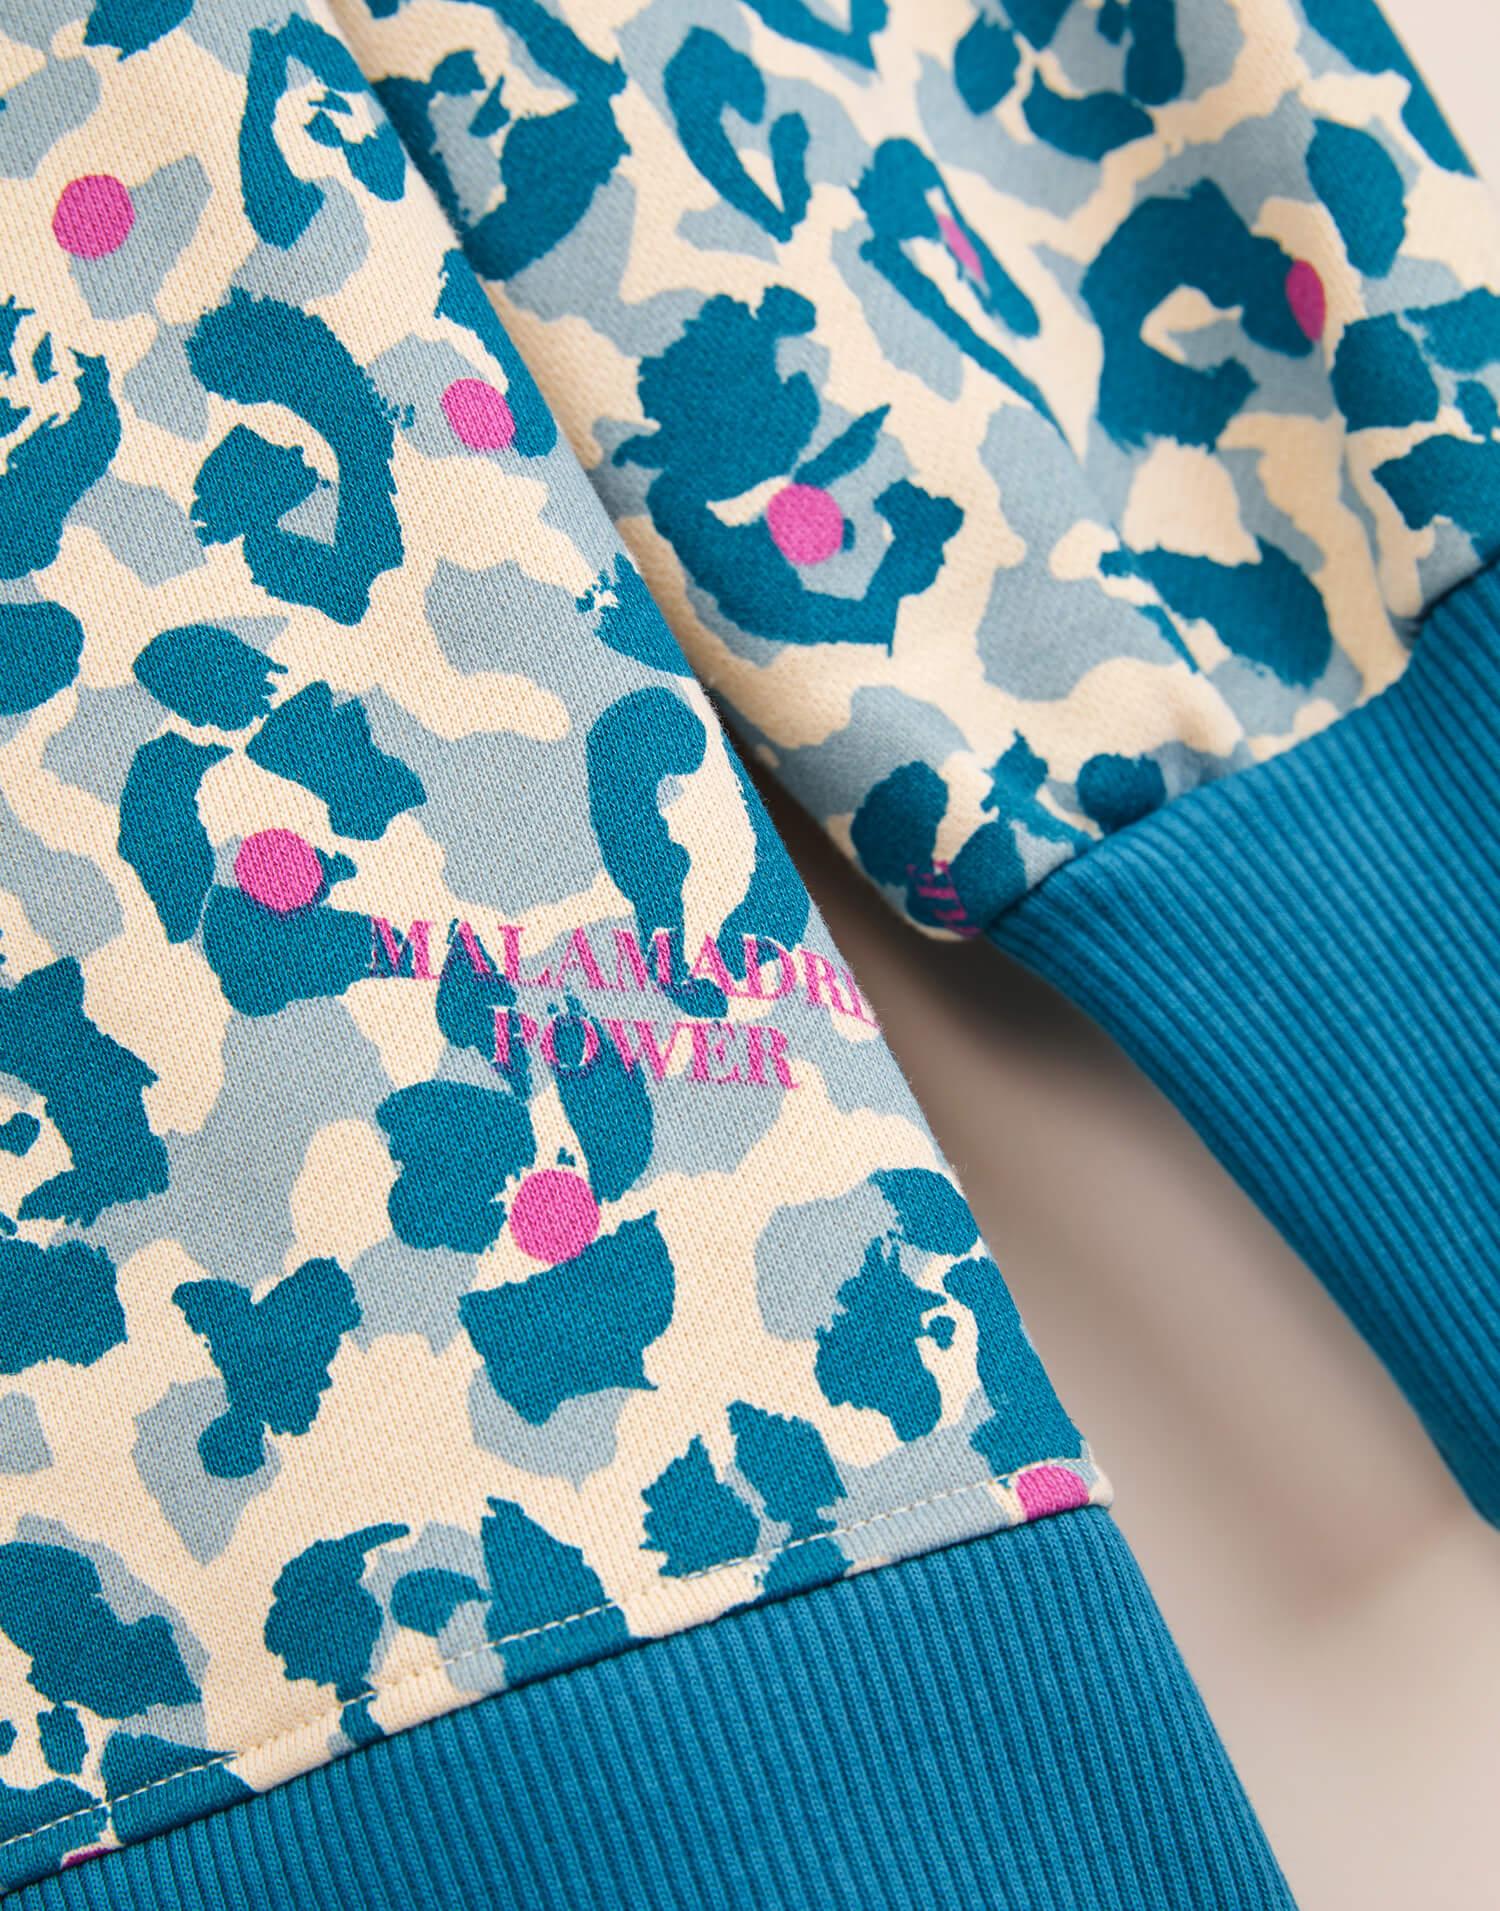 Sudadera azul animal print 'Malamadre Power'